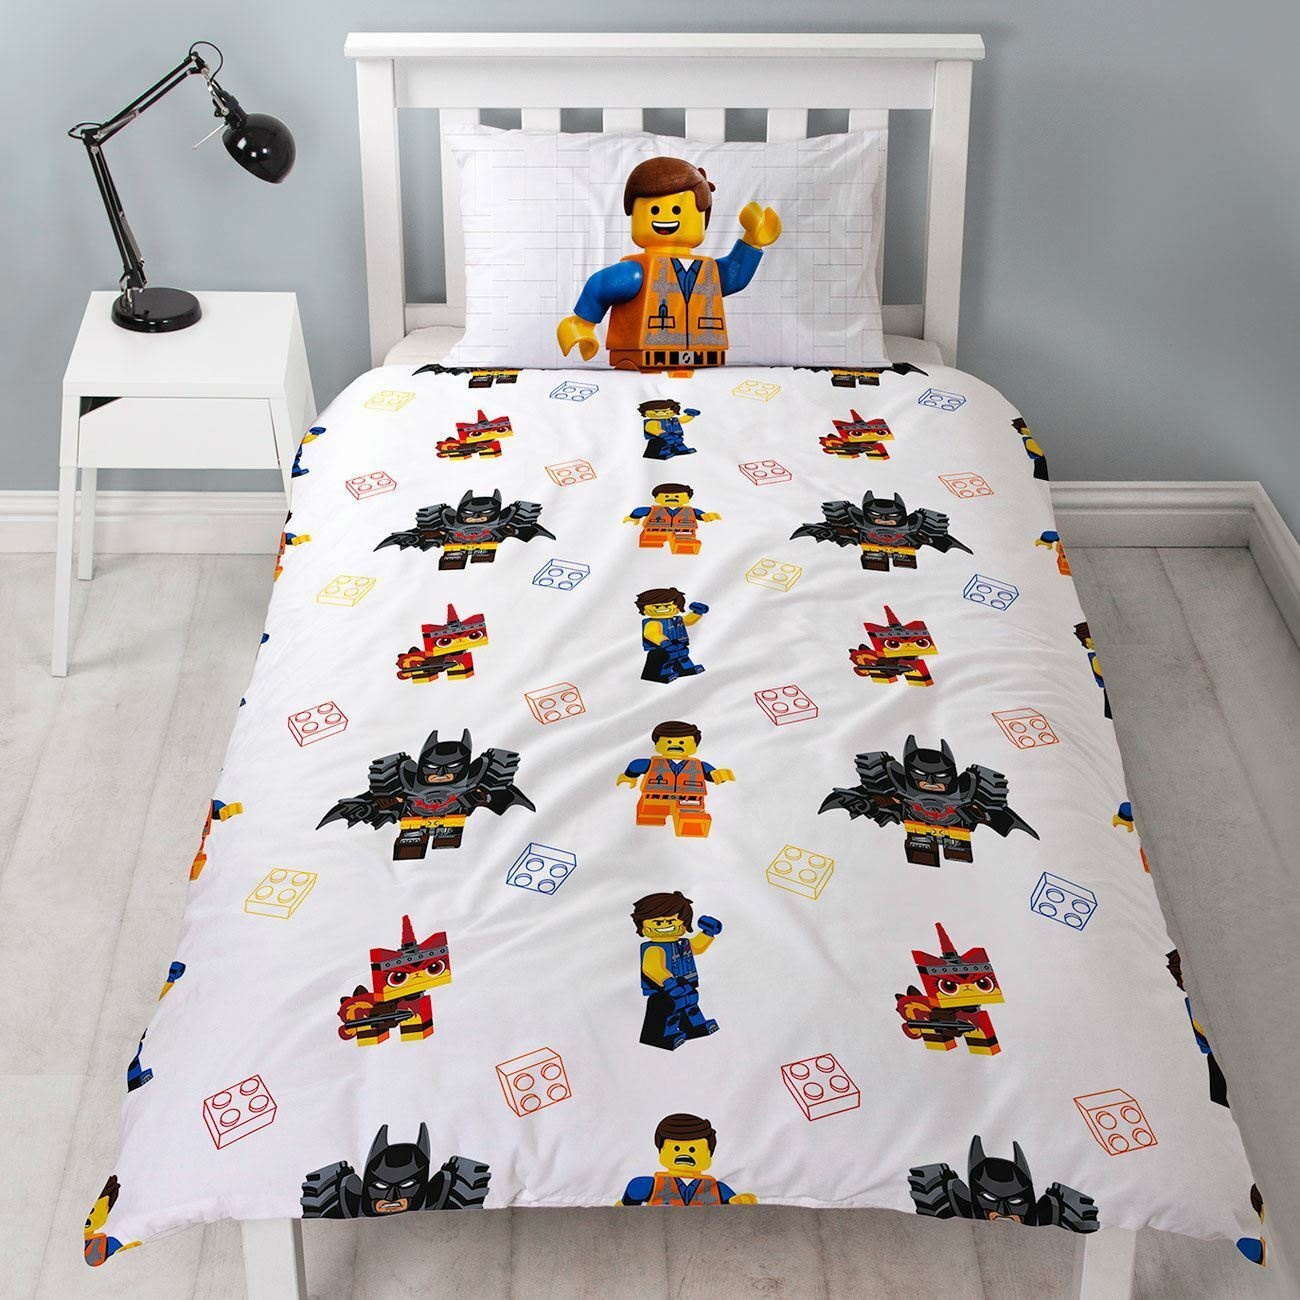 Lego Lego